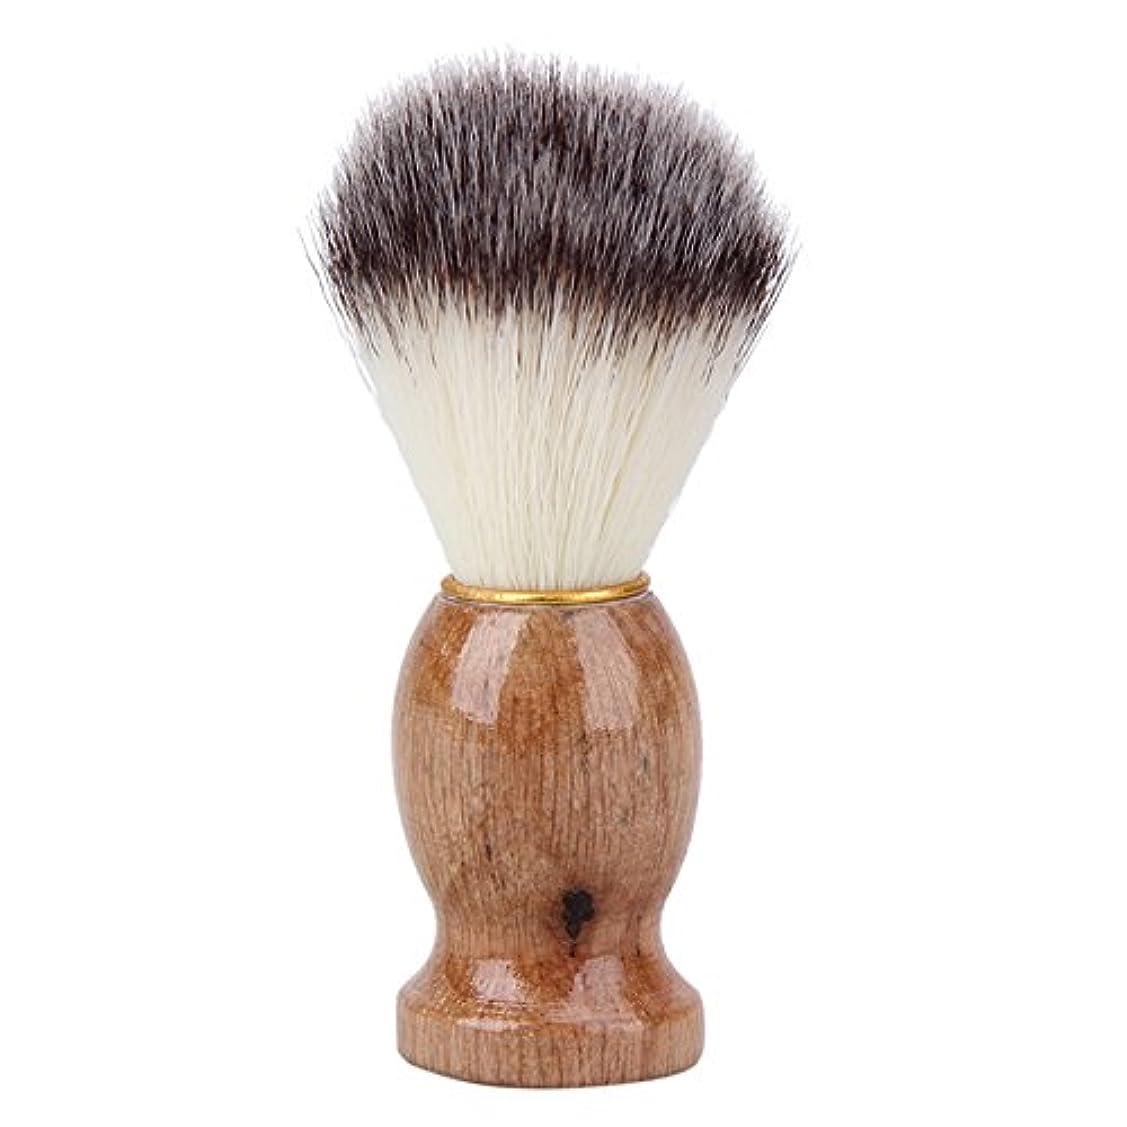 区別するますます化粧wangten メンズ用 髭剃り ブラシ シェービング ブラシ アナグマ毛 木製ハンドル 泡立ち 理容 洗顔 髭剃り